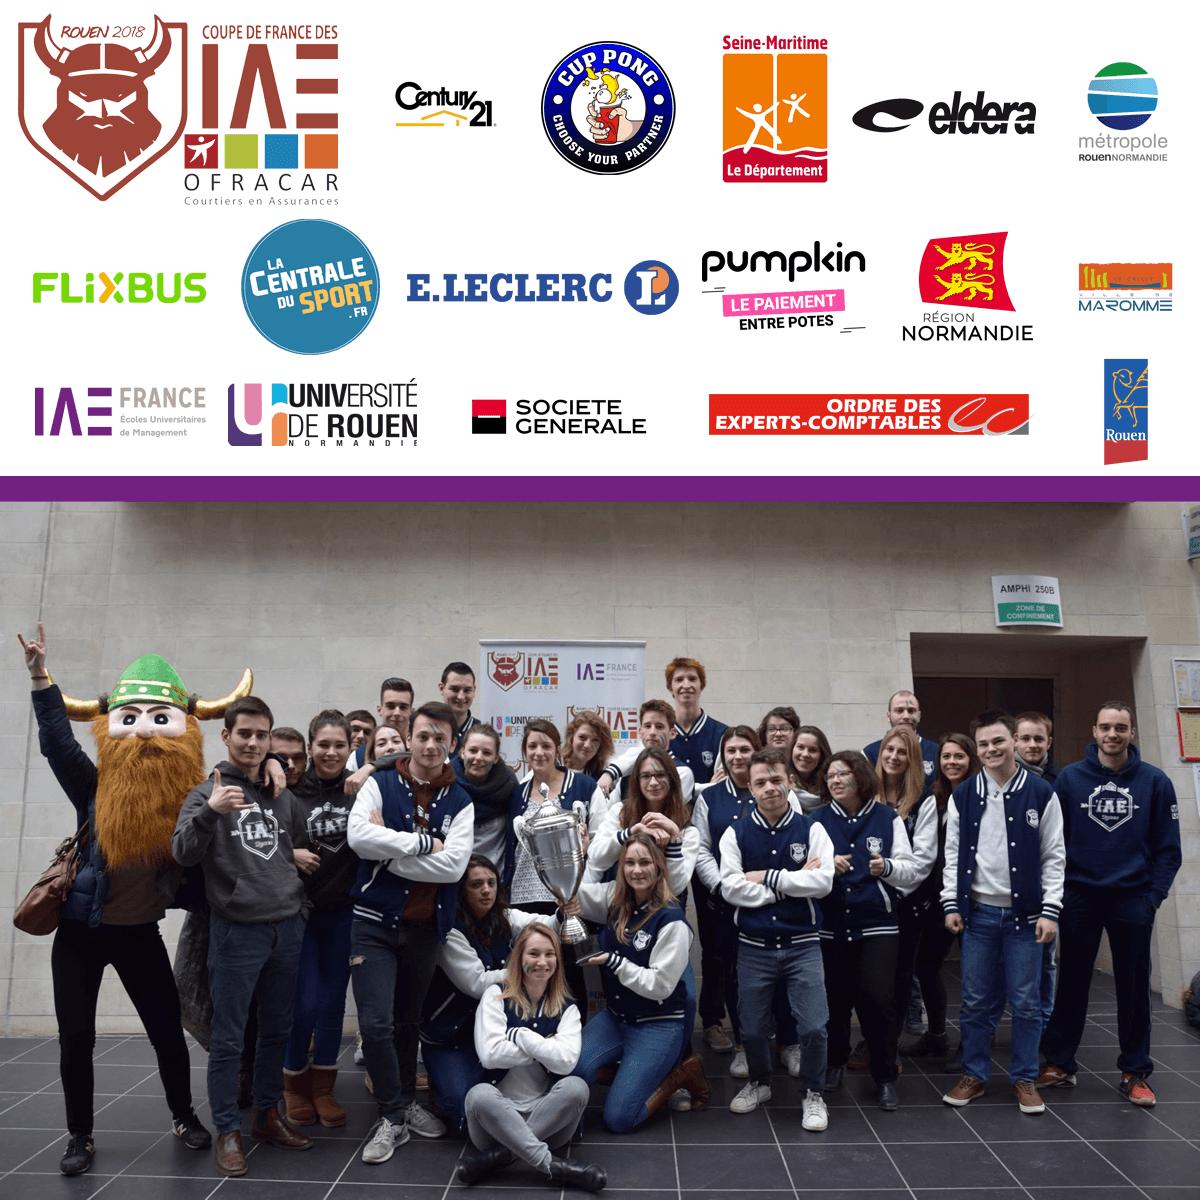 20180312-CDF-IAE-Rouen.png